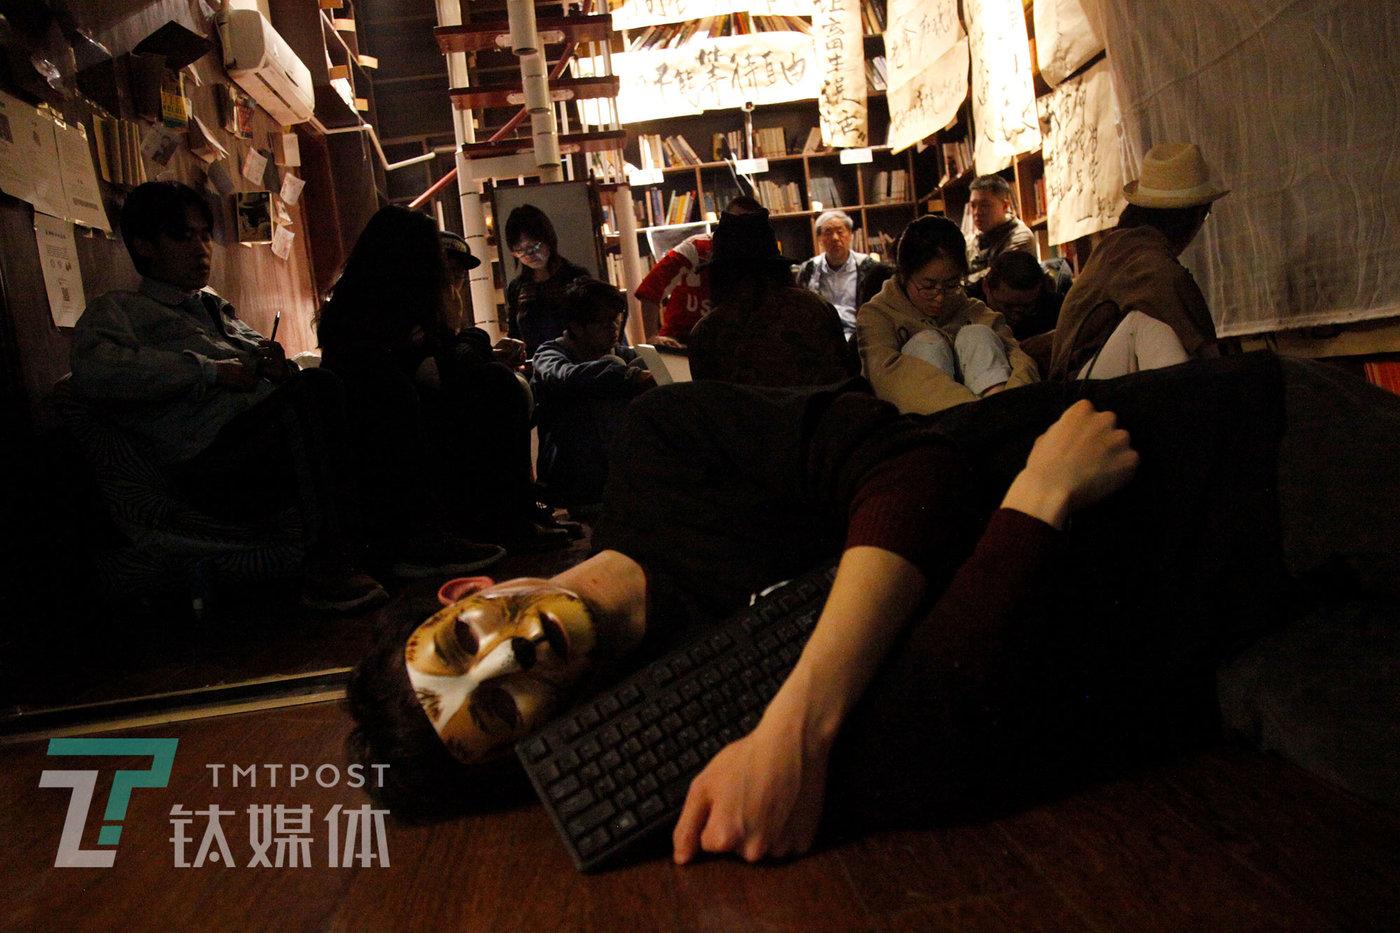 """""""社畜博物馆""""展览现场小剧场,一场有关""""过劳死""""的行为艺术表演:表演者扮演的程序员因加班""""过劳死"""",""""死去""""后仍抱着键盘。"""